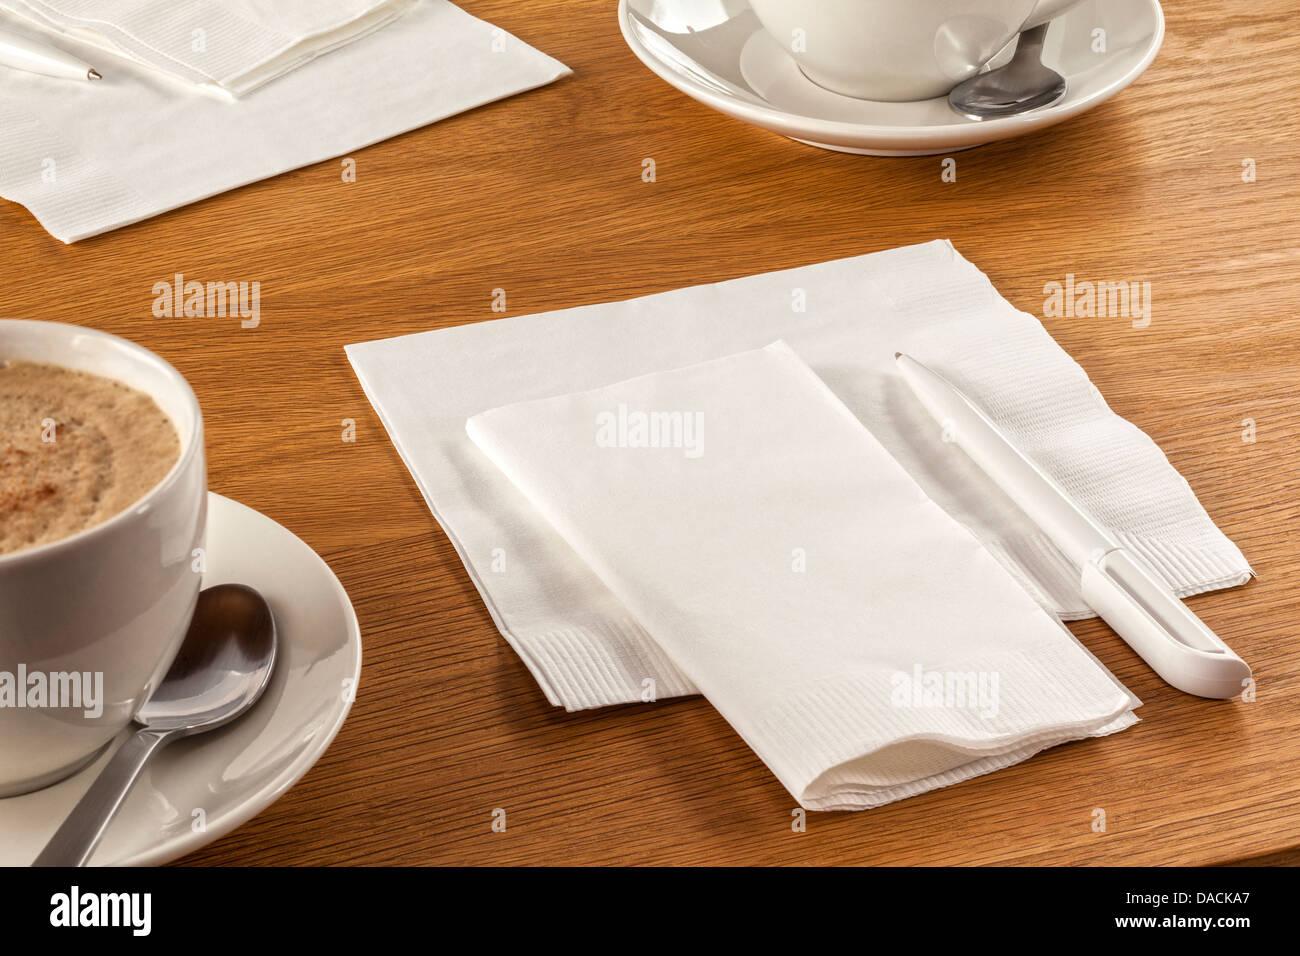 Serviette et stylo - Serviette ou serviette et un stylo sur la table, prêt à prendre note de votre dernière Photo Stock